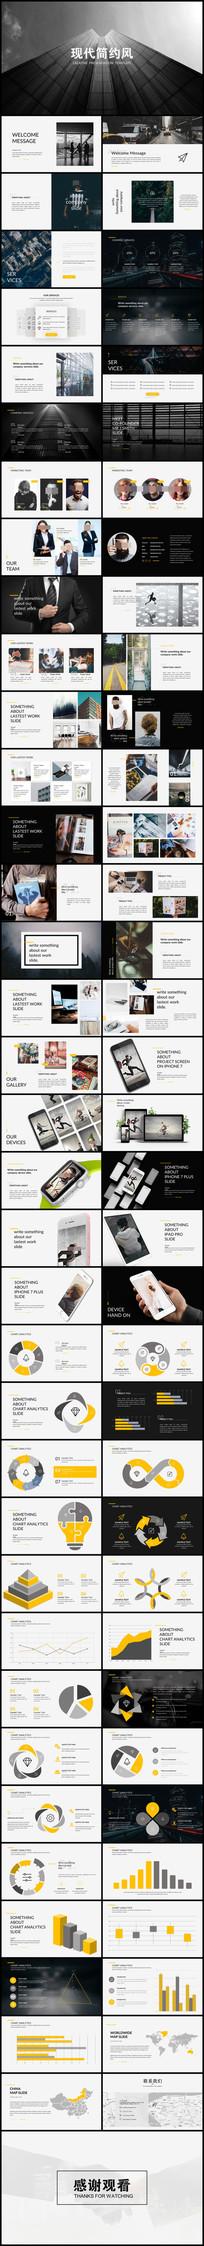 优雅风创意设计公司宣传PPT